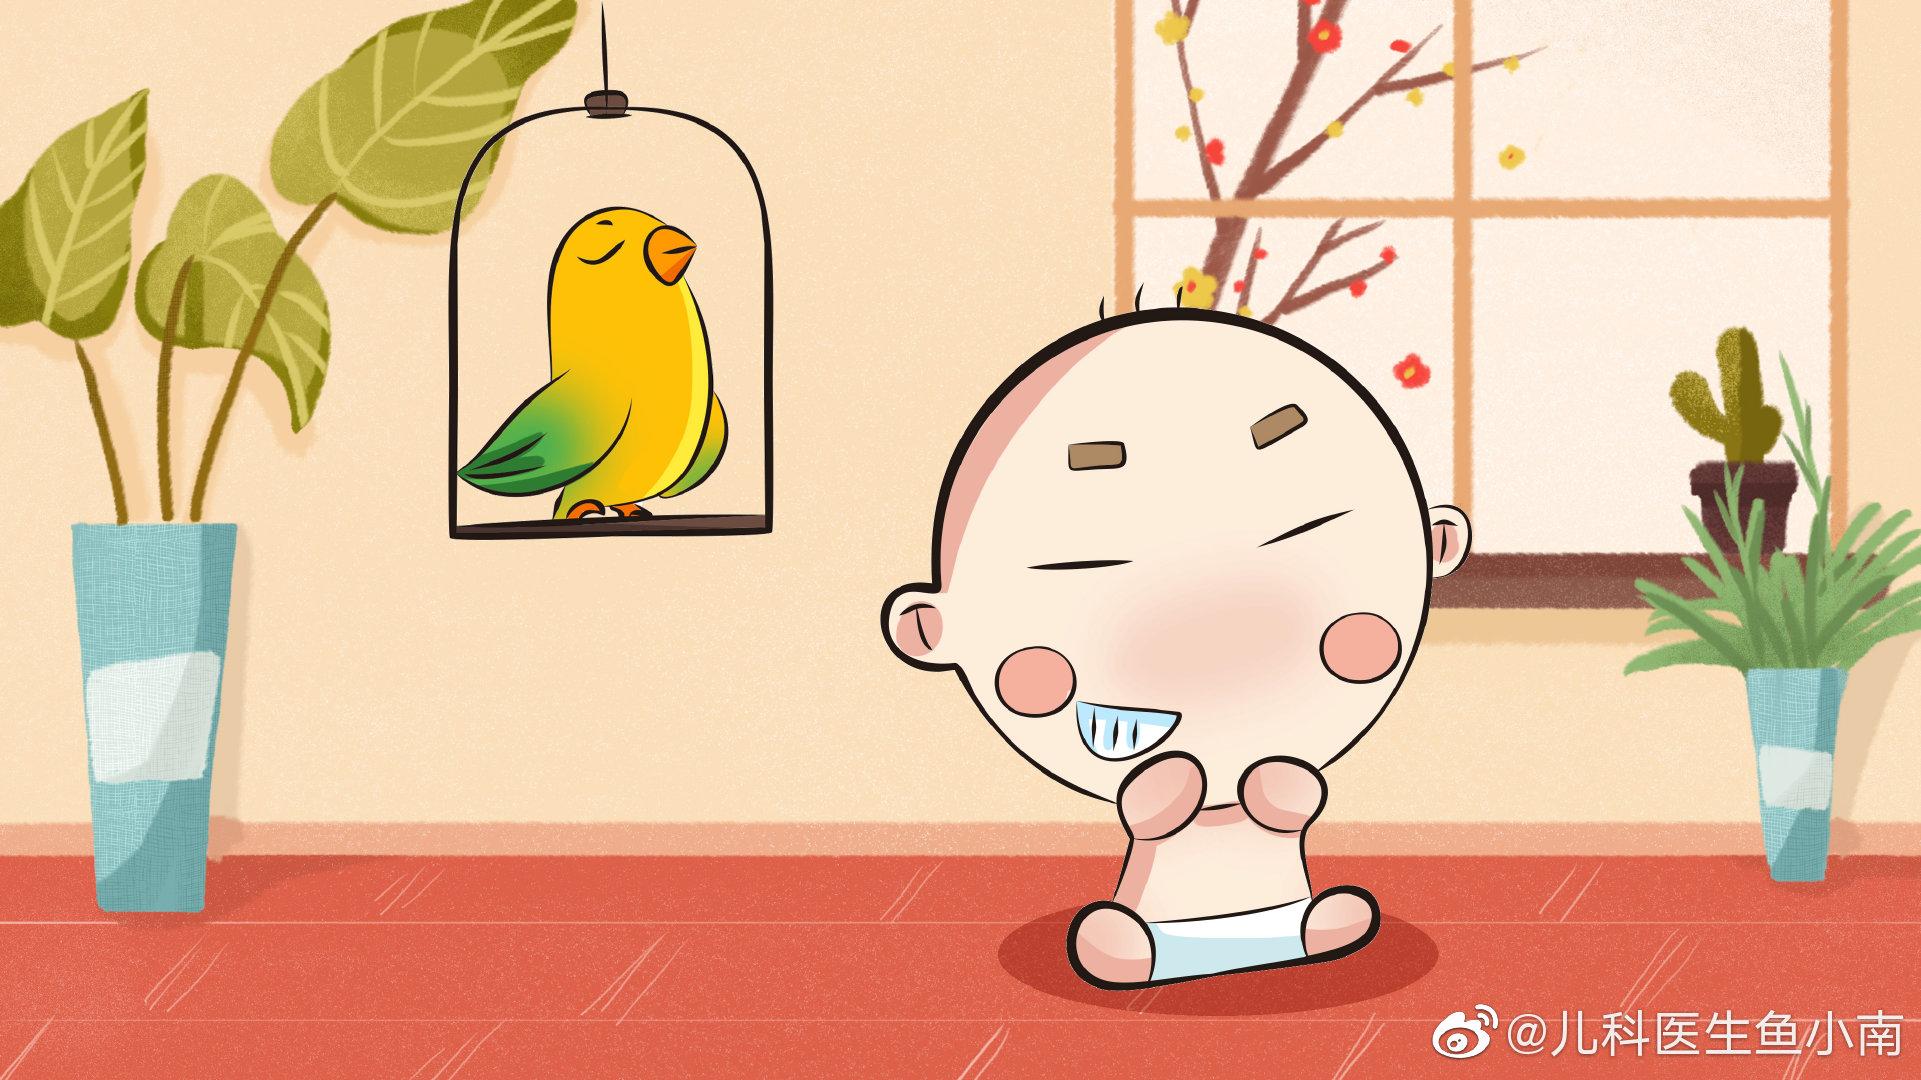 在宝宝心智发育过程中,一本优秀的童书,能给宝宝无以伦比的快乐